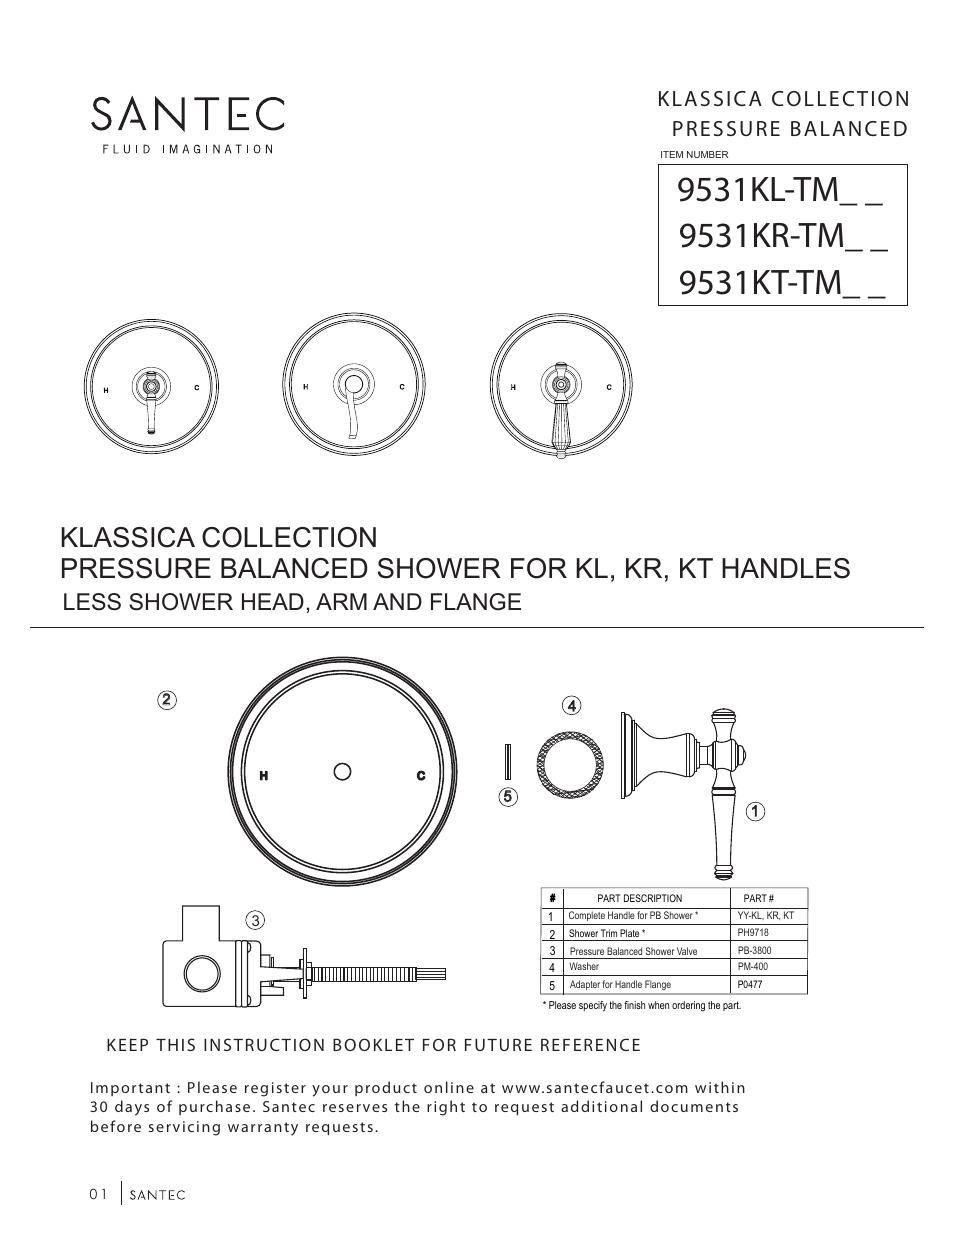 Santec 9531KT-TM User Manual | 6 pages | Also for: 9531KR-TM, 9531KL-TM